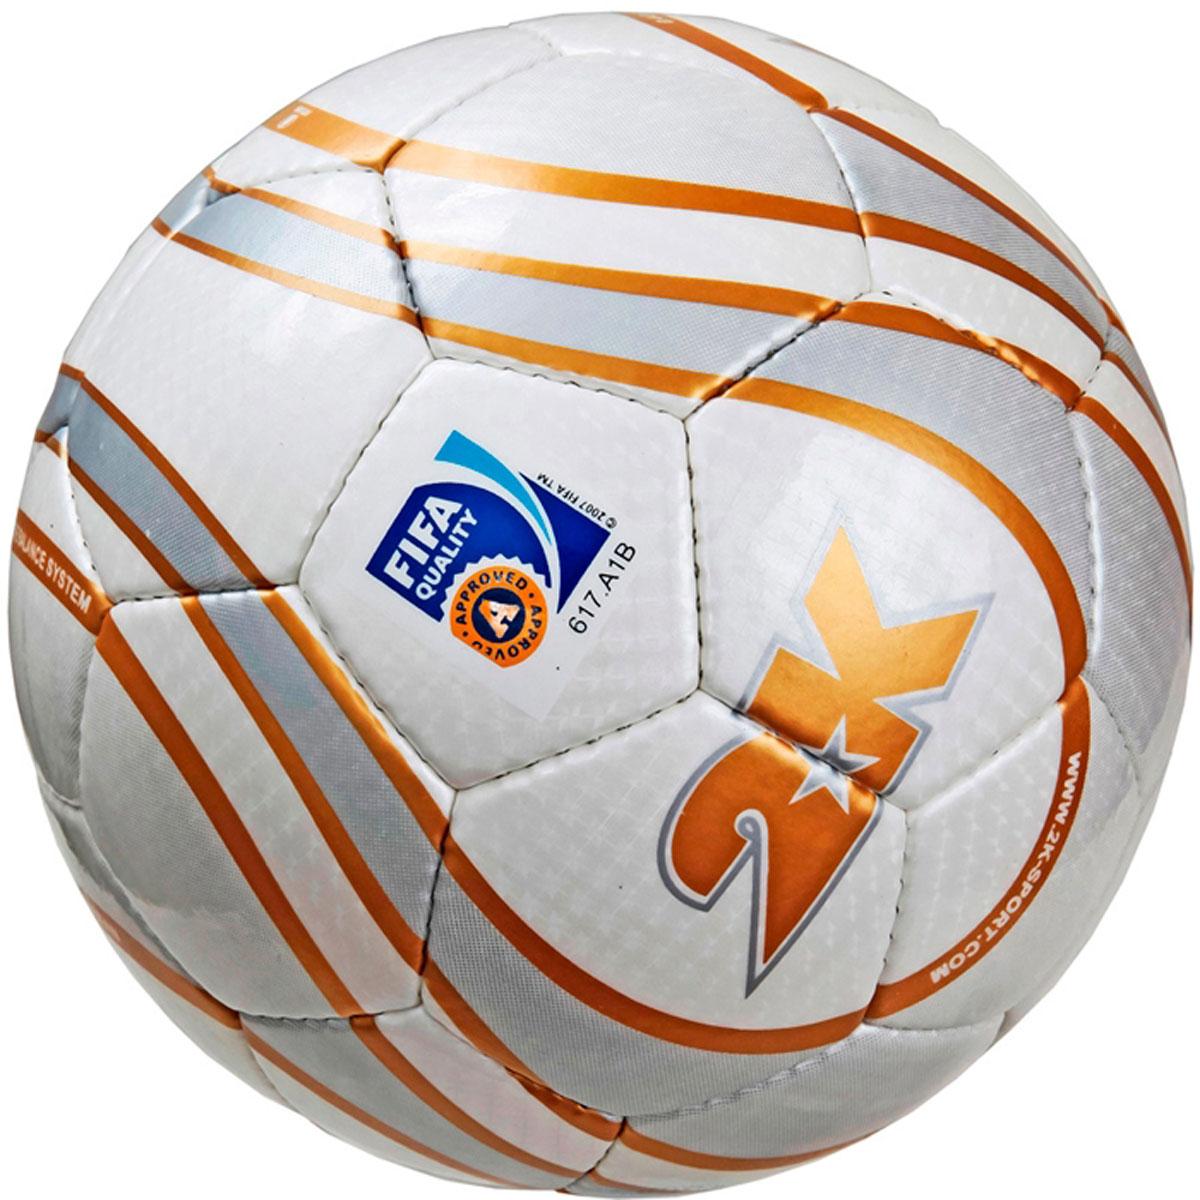 Мяч футзальный 2K Sport Parity, цвет: белый, золотистый, серый. Размер 4127077FПрофессиональный футзальный мяч 2K Sport Parity предназначен для игры в зале. Выполнен из полиуретана. Четырехслойная подложка, изготовленная из полиэстера. Мяч имеет бесшовную бутиловую камеру с бутиловым ниппелем. Ручная сшивка панелей. Сертификат FIFA Approved.